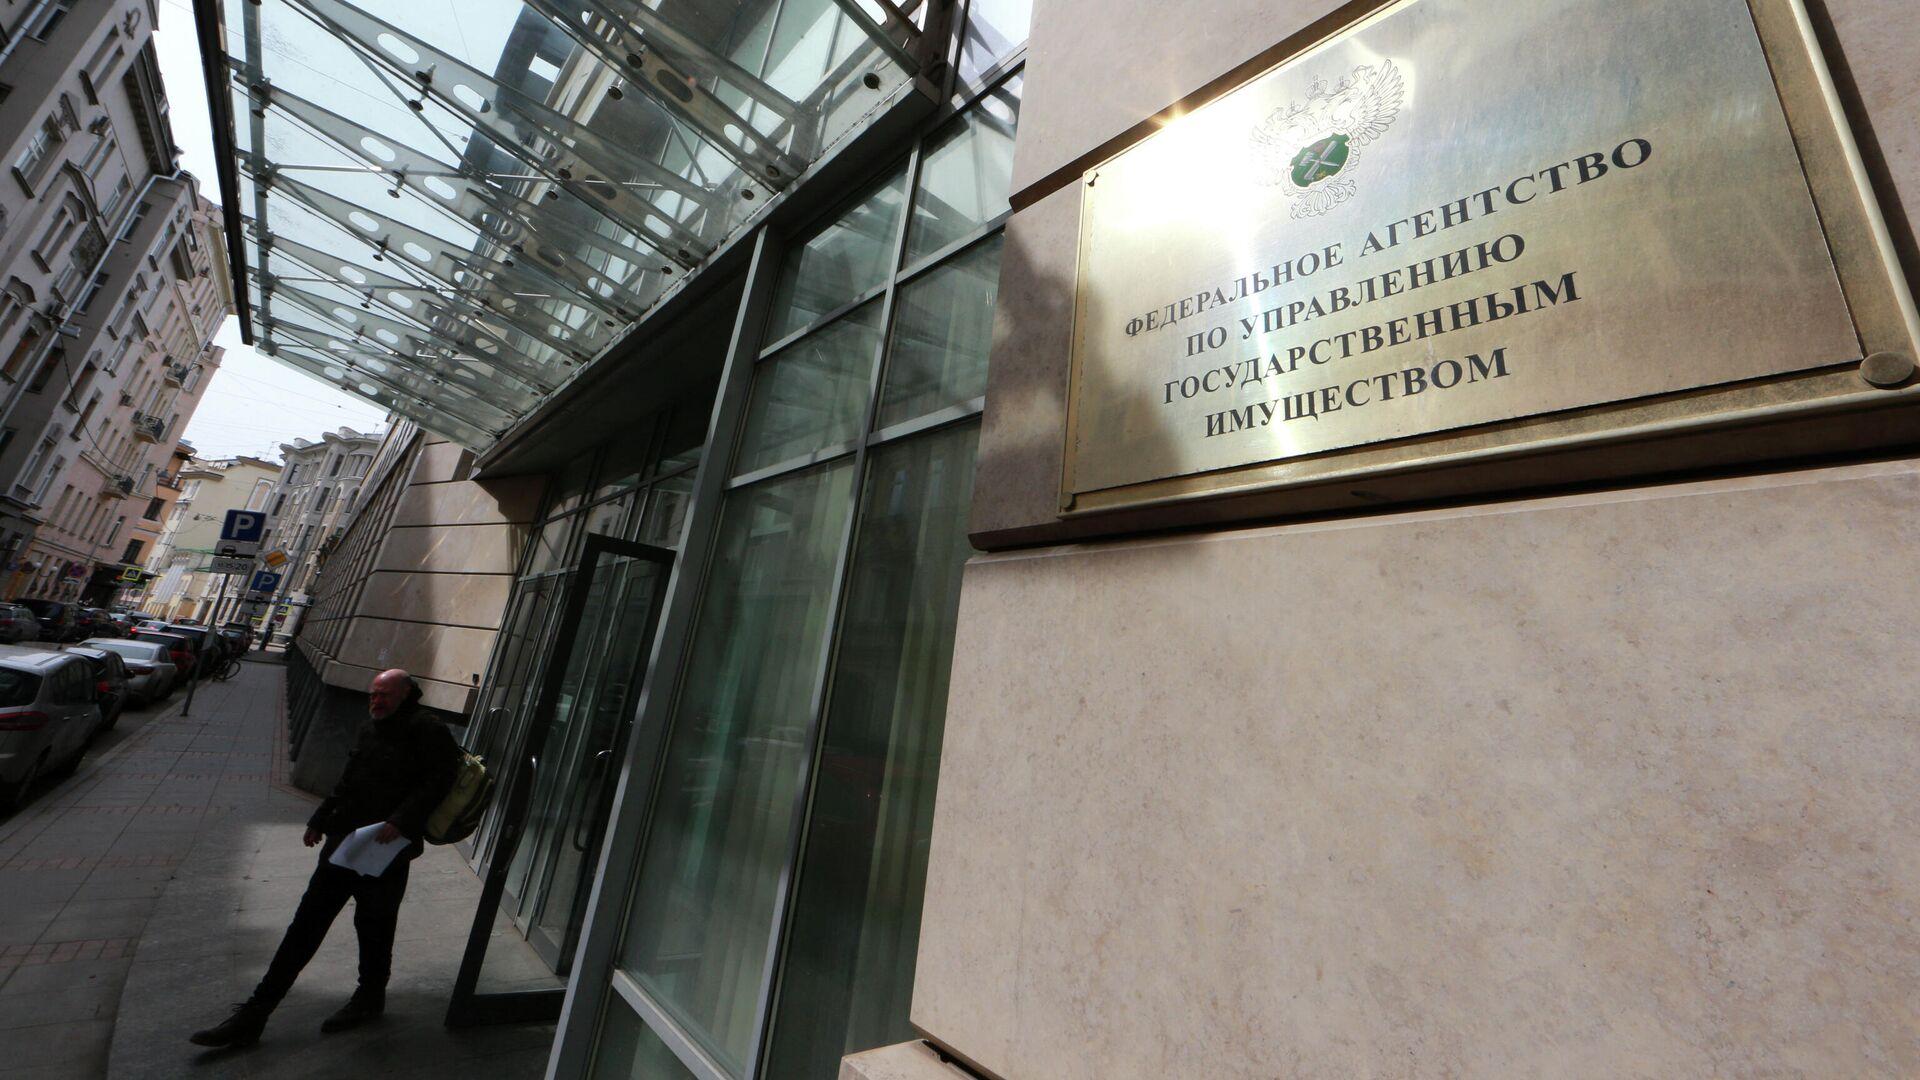 Здание Федерального агентства по управлению государственным имуществом (Росимущества) - РИА Новости, 1920, 30.10.2020